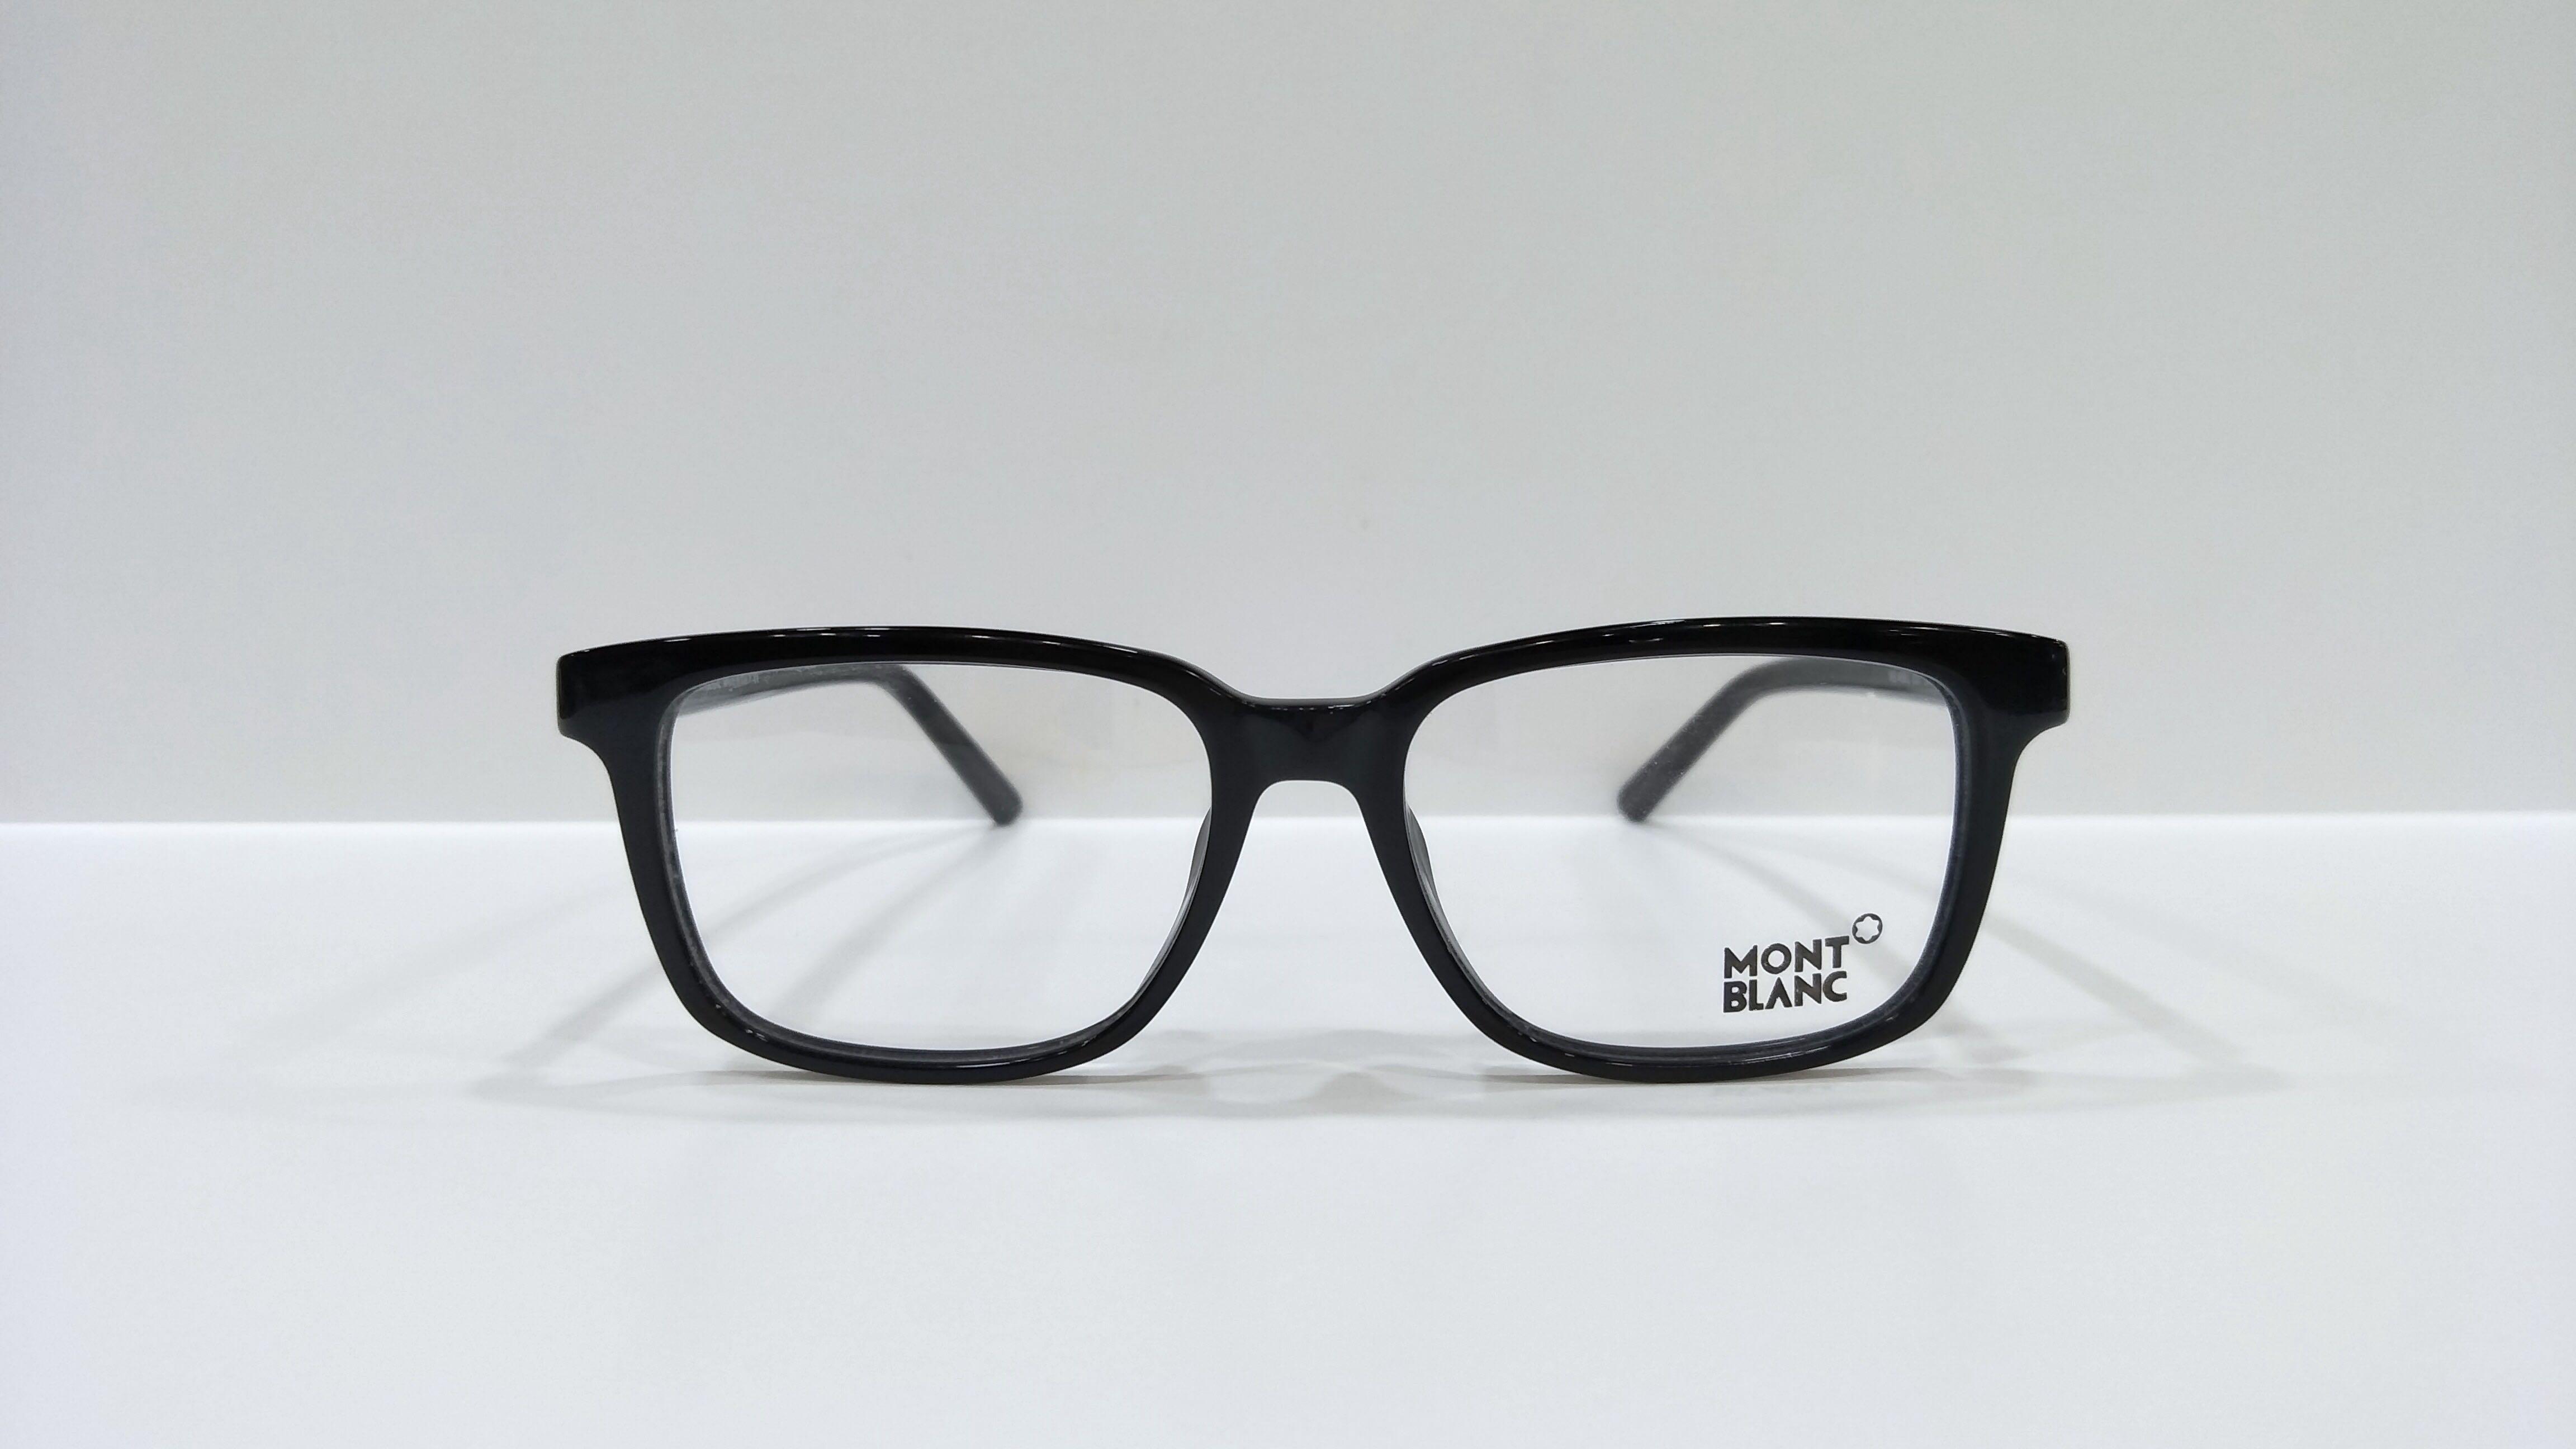 5e696e87caee Home · Men s Fashion · Accessories · Eyewear   Sunglasses. photo photo  photo photo photo